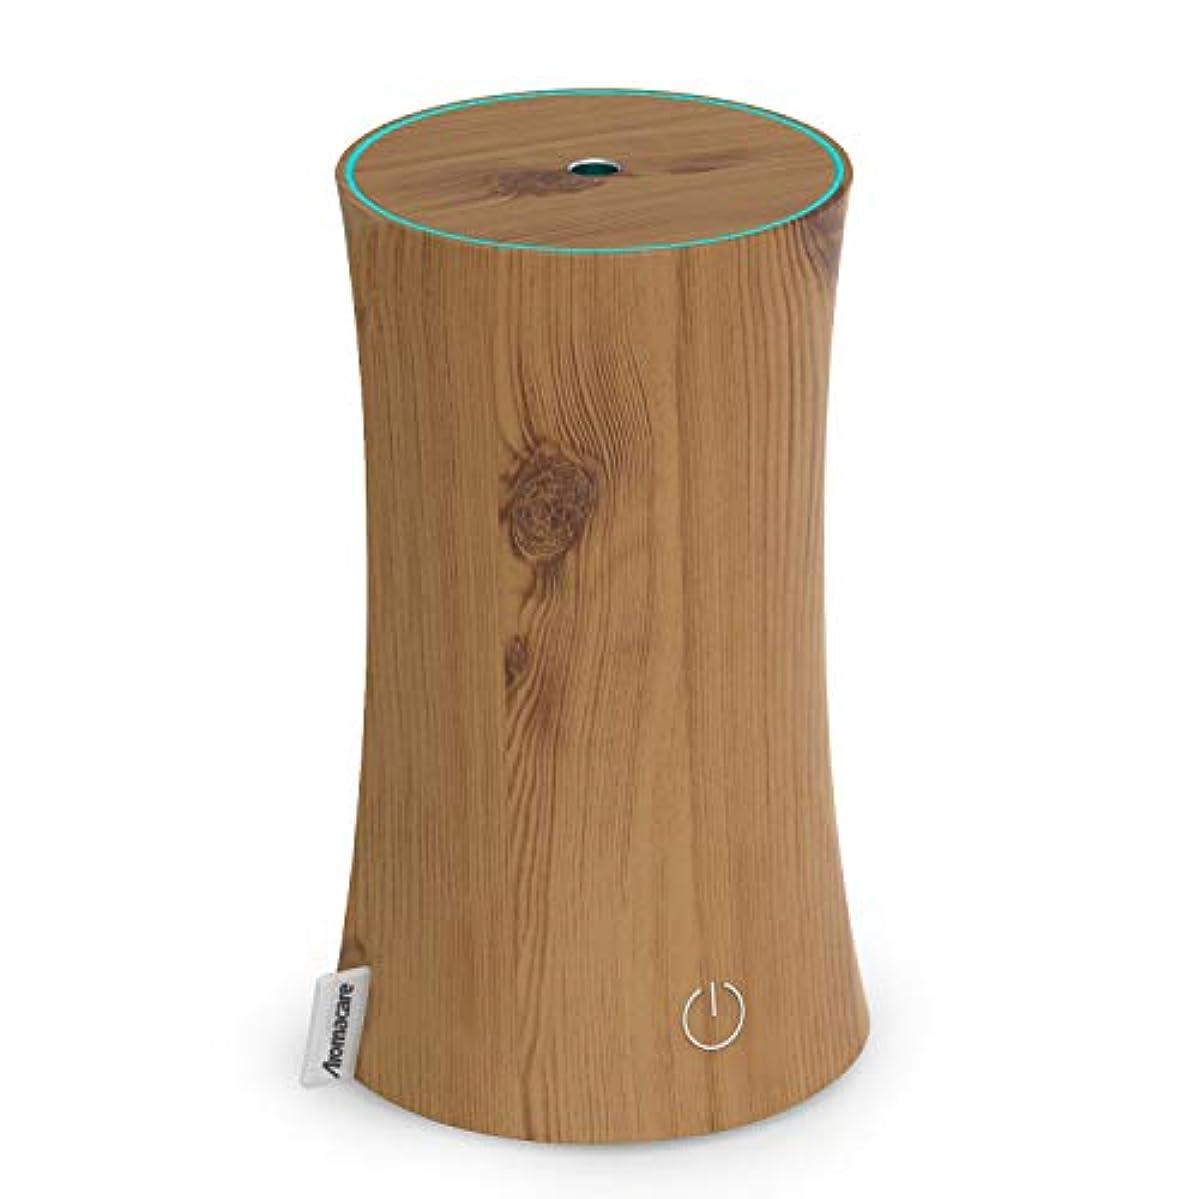 すり減る家主ベットアロマディフューザー 卓上加湿器 センサー付き 超音波式 空焚き防止 低騒音 300ml 連続運転 各場所用 省エネ 木目調 木の色